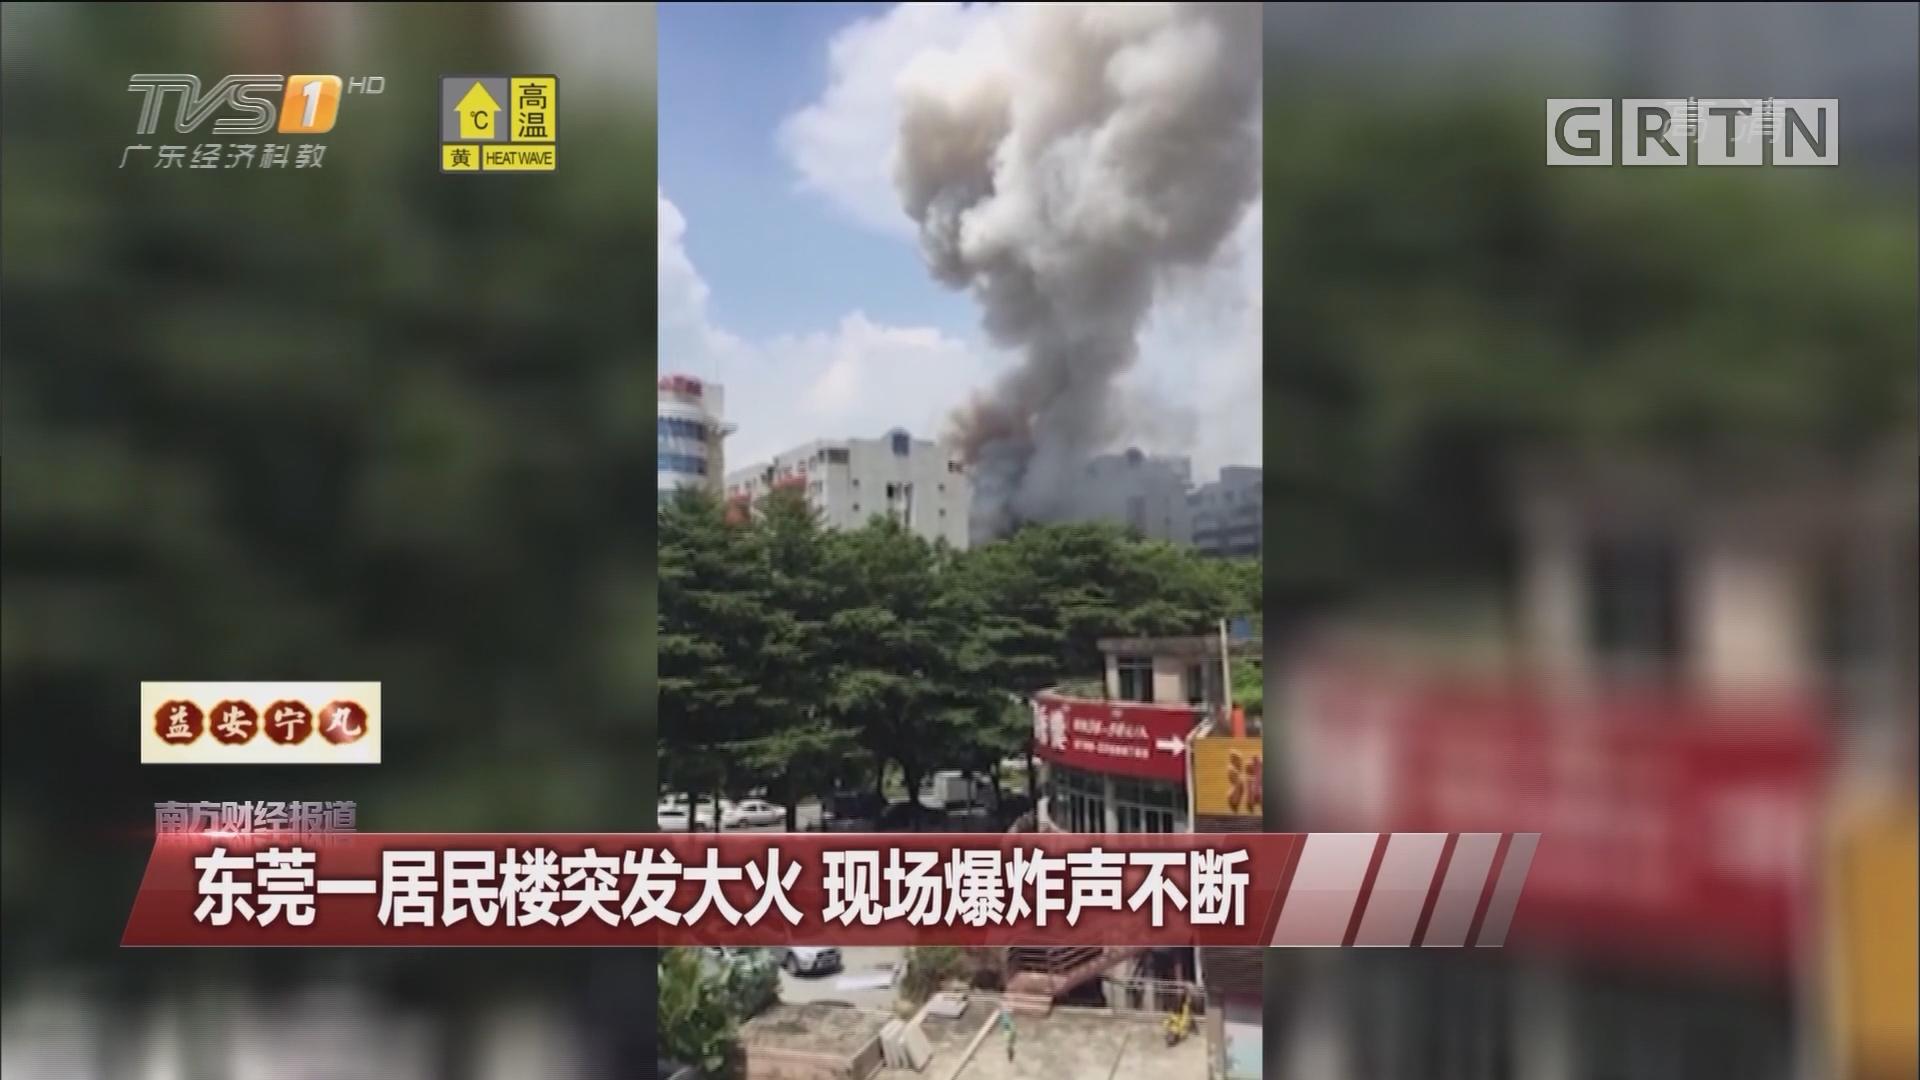 东莞一居民楼突发大火 现场爆炸声不断